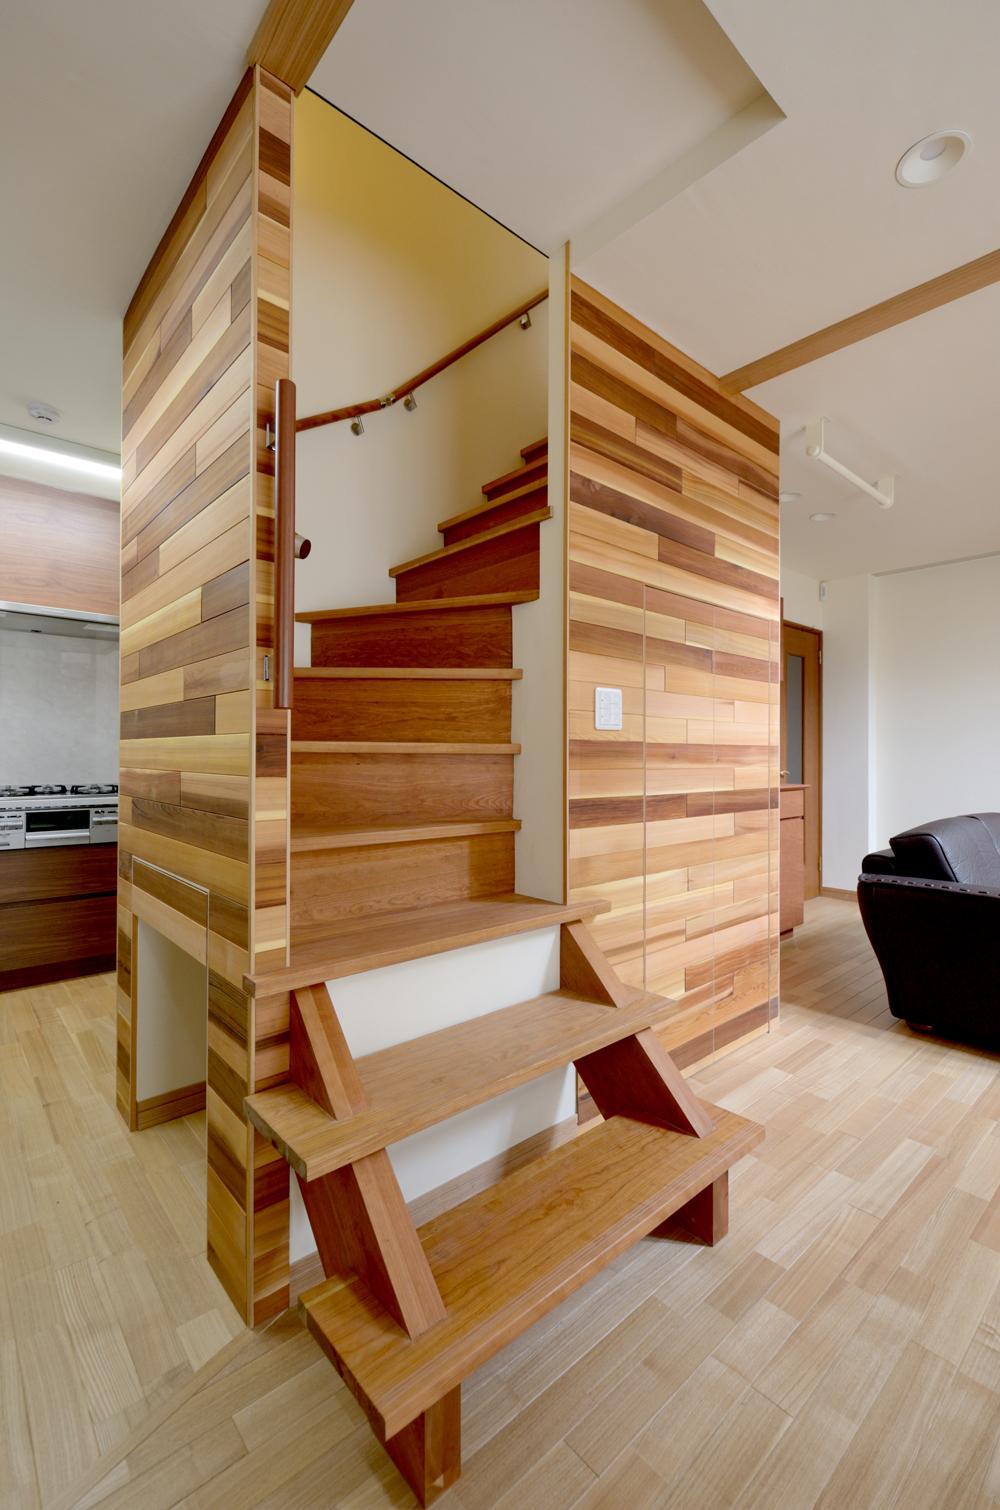 回り階段とセミクローズキッチンで柔らかな家にの部屋 回り階段